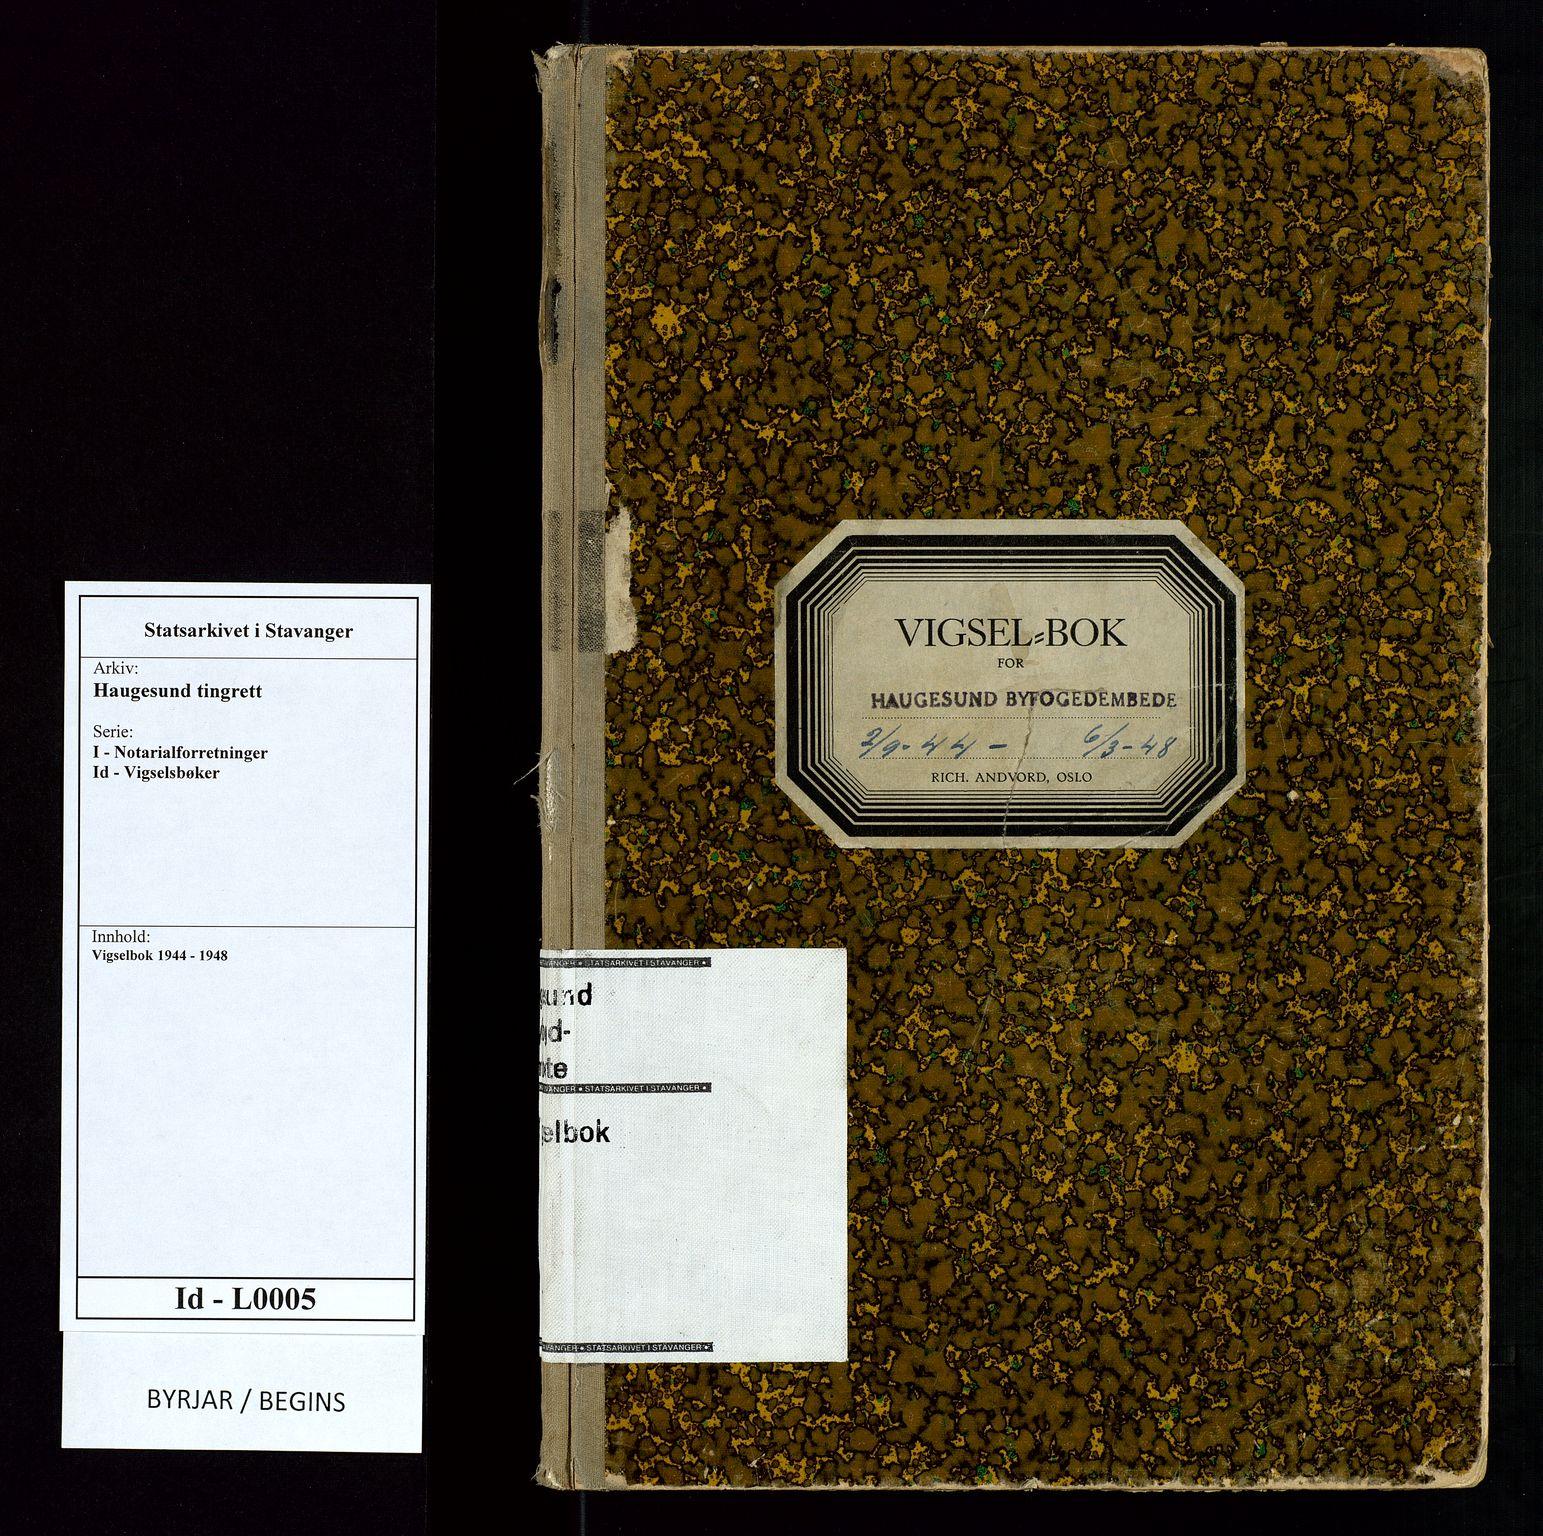 SAST, Haugesund tingrett, III/IIID/L0005: Vigselbok, 1944-1948, s. upaginert